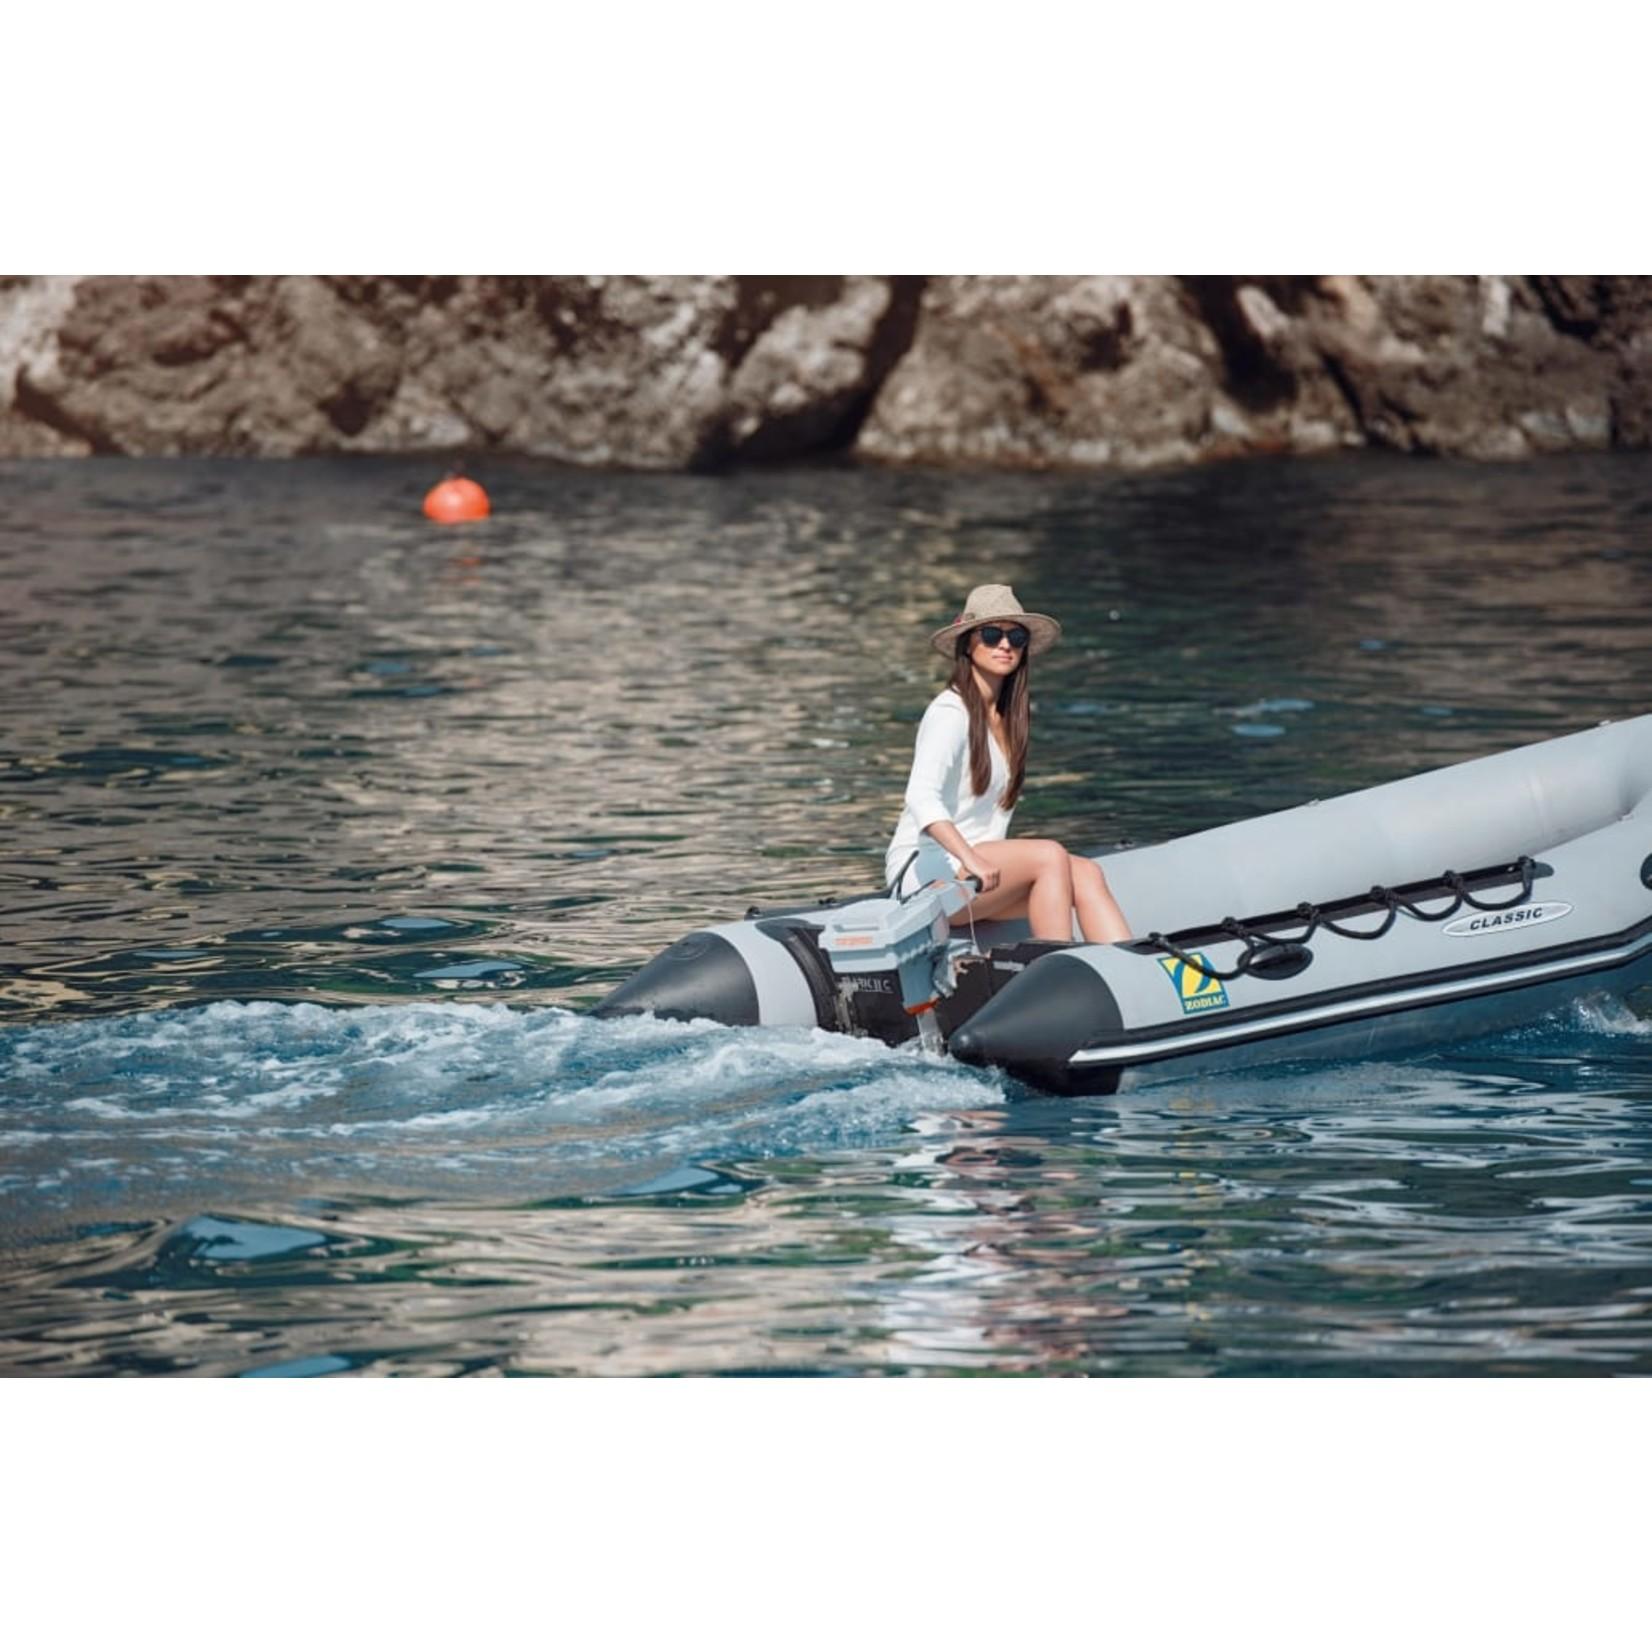 Torqeedo Torqeedo Travel 1103 CS electric outboard engine - shortshaft